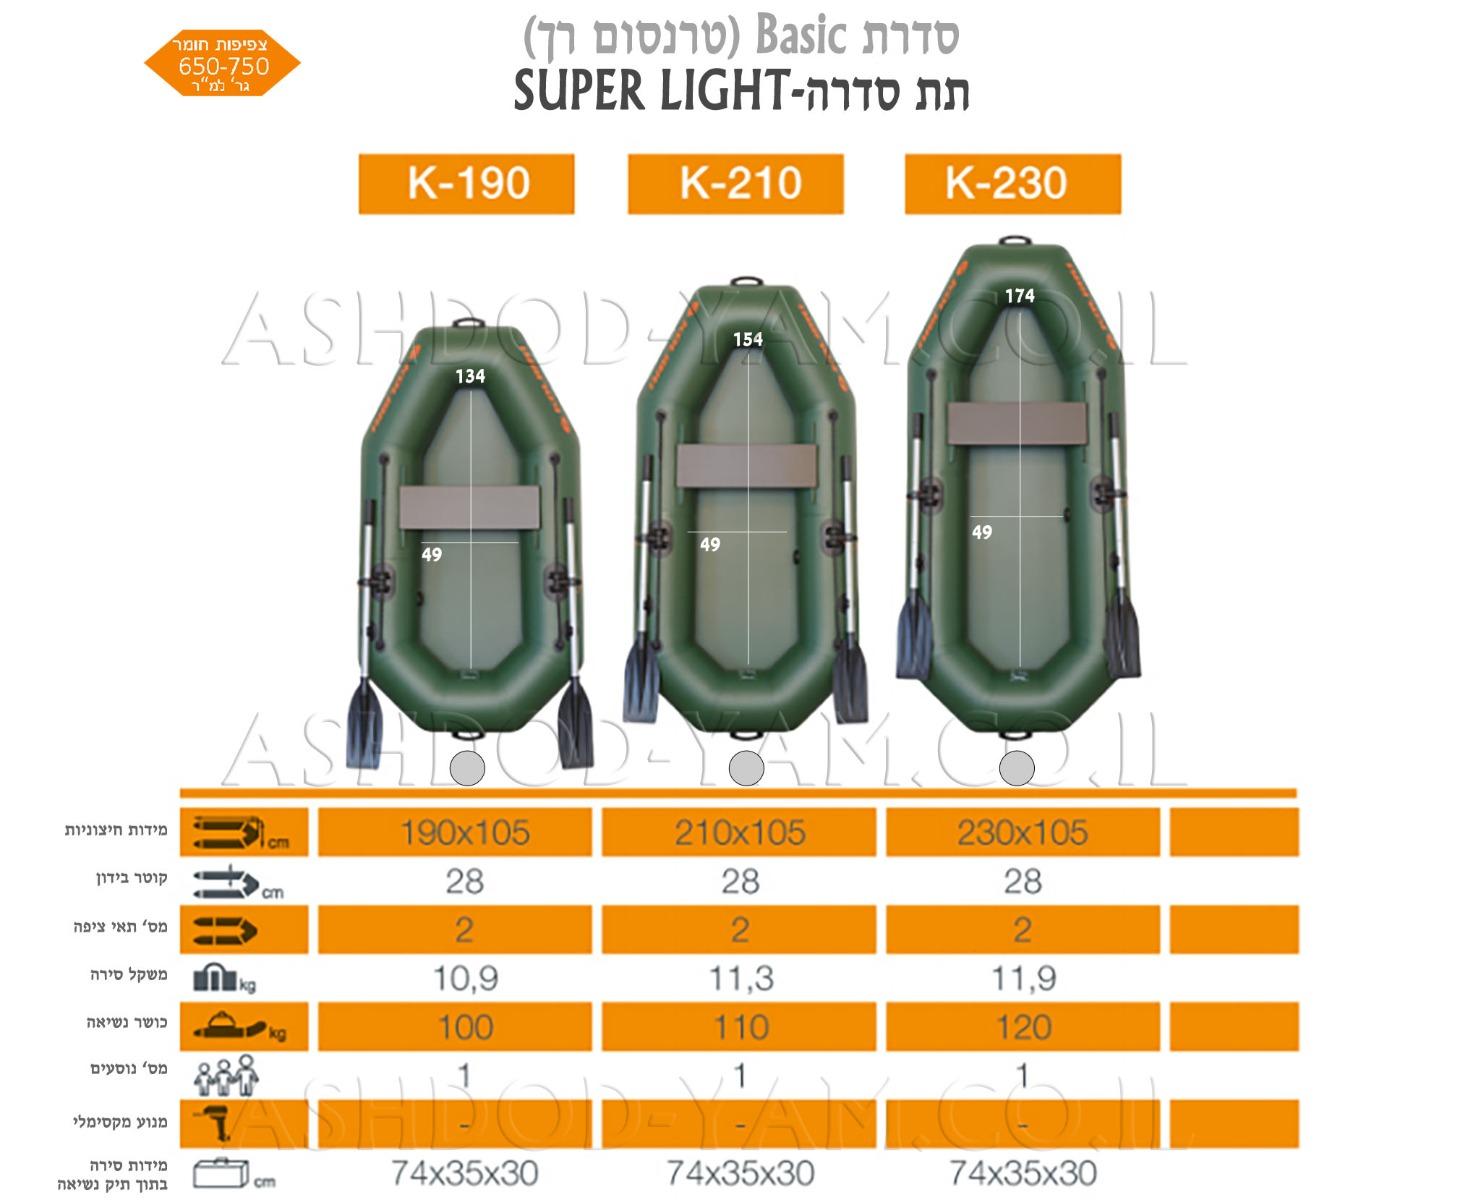 השוואת דגמי סירות קוליברי מסדרת סירות משוטים - חתירה -SUPERLIGHT